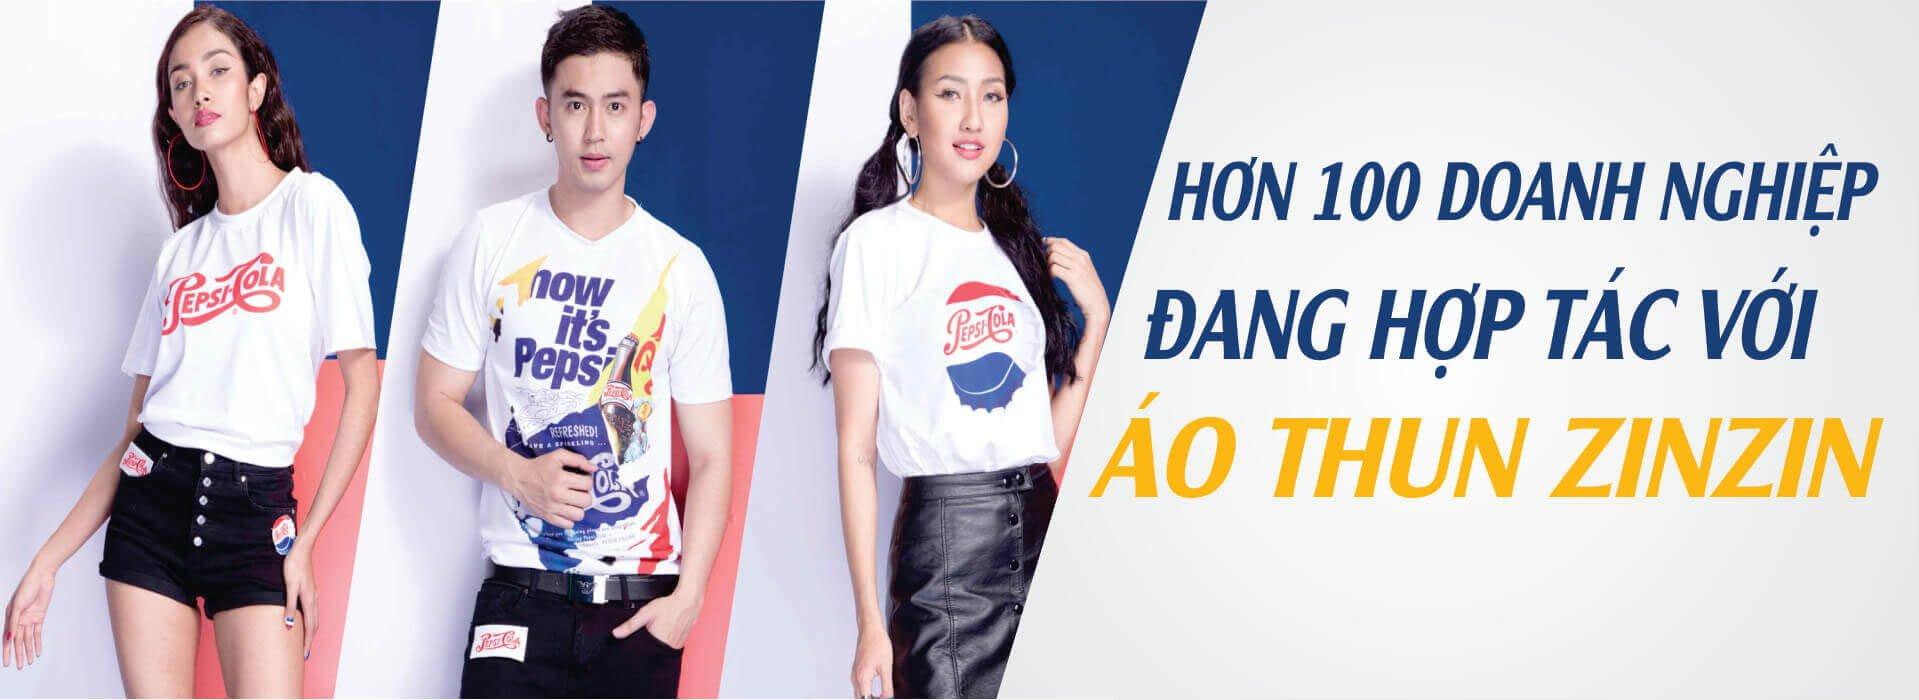 Áo thun gia đình Banner-ao-thun-doanh-nghiep-ao-thun-zinzin